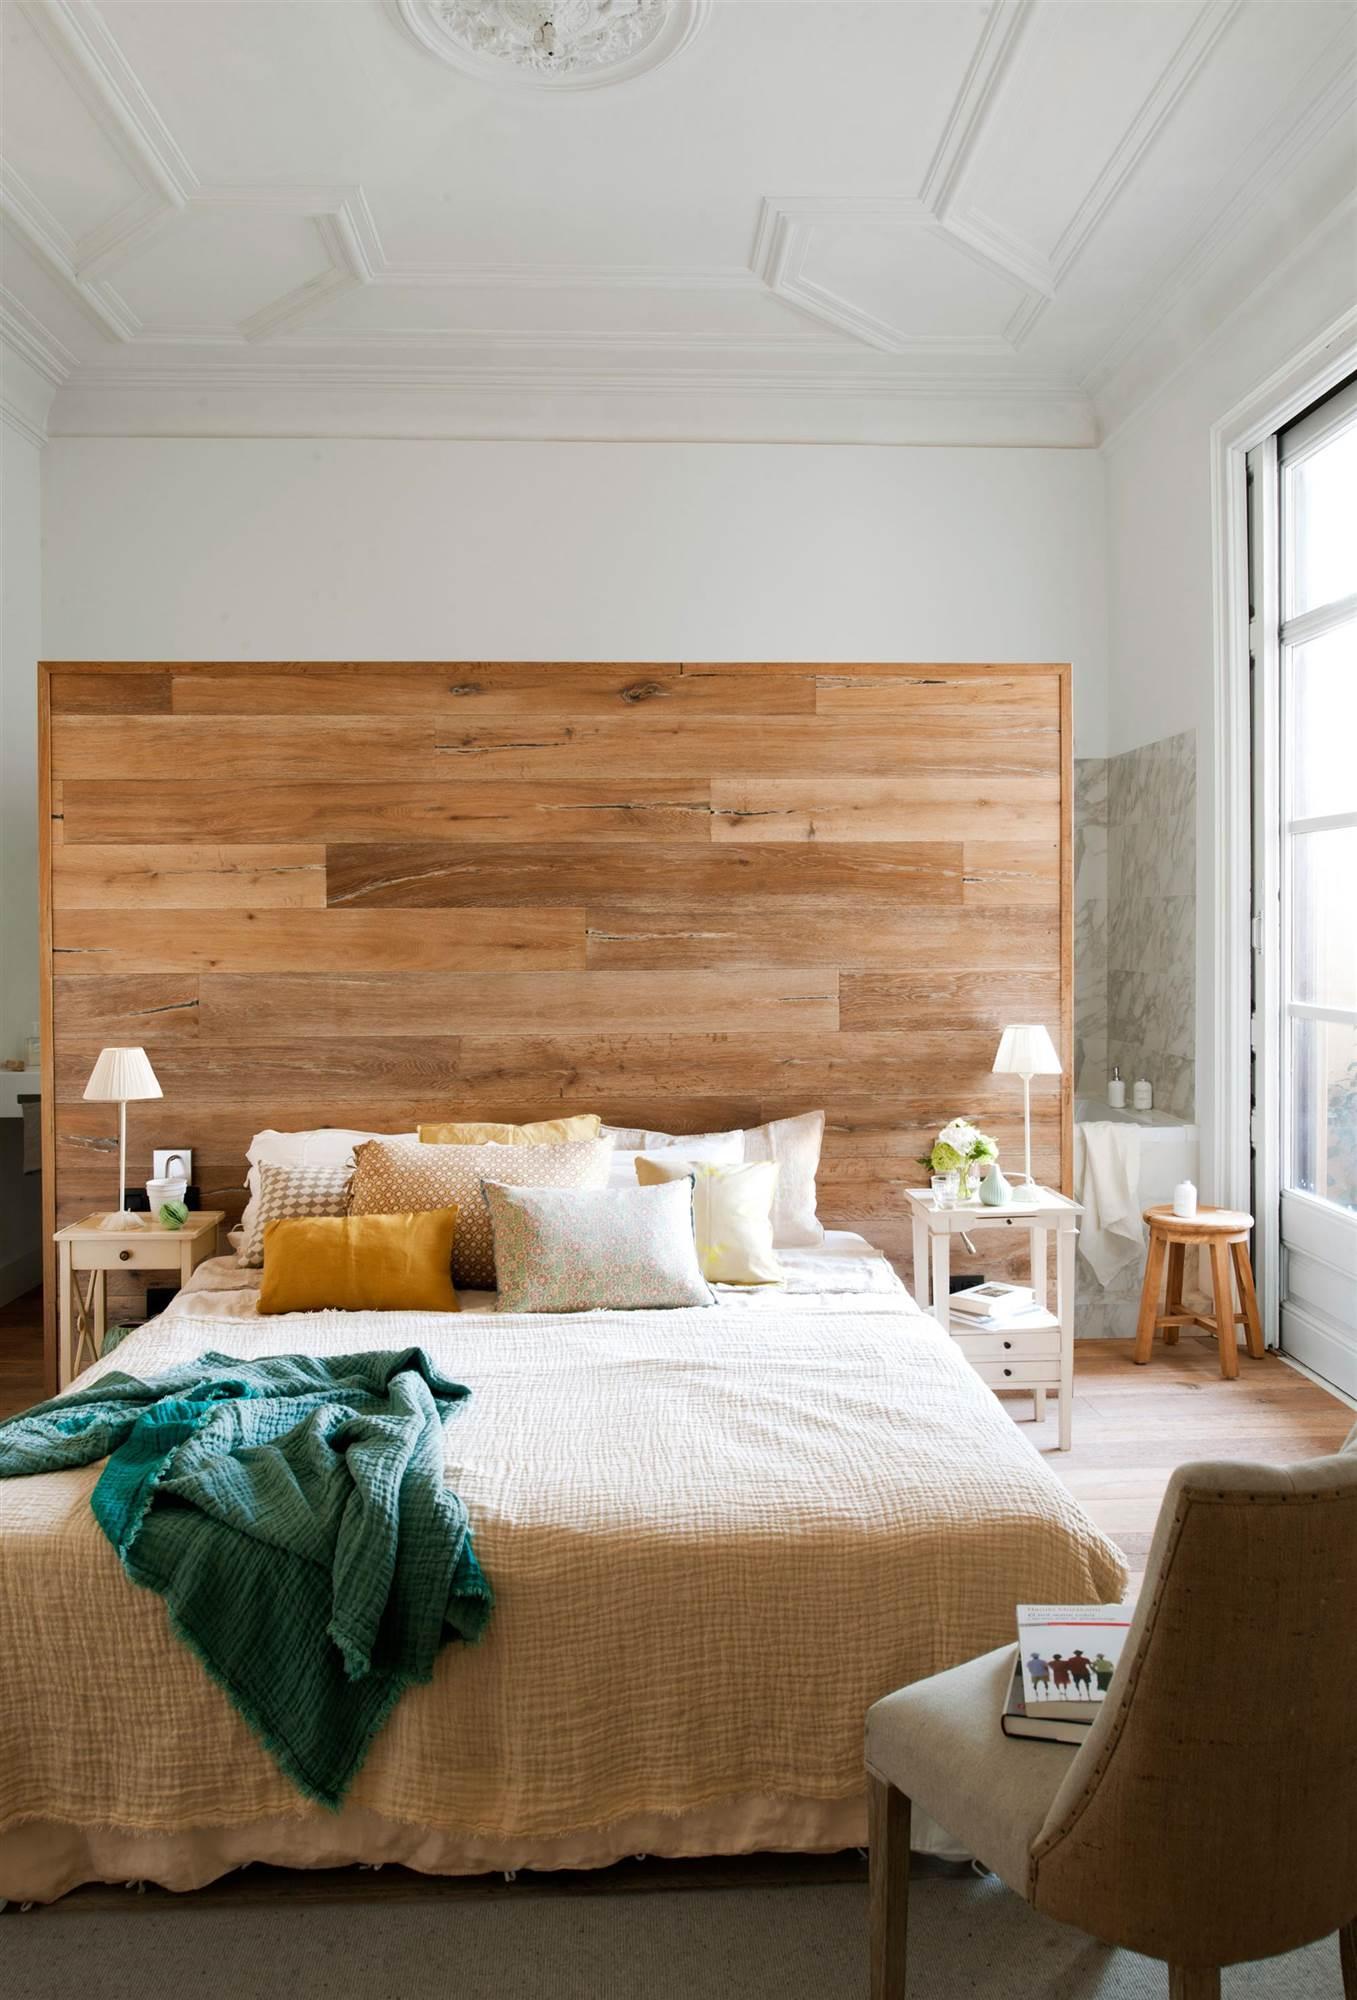 dormitorio-con-techo-decorado-con-molduras_00395788_2fd8b468_1357x2000